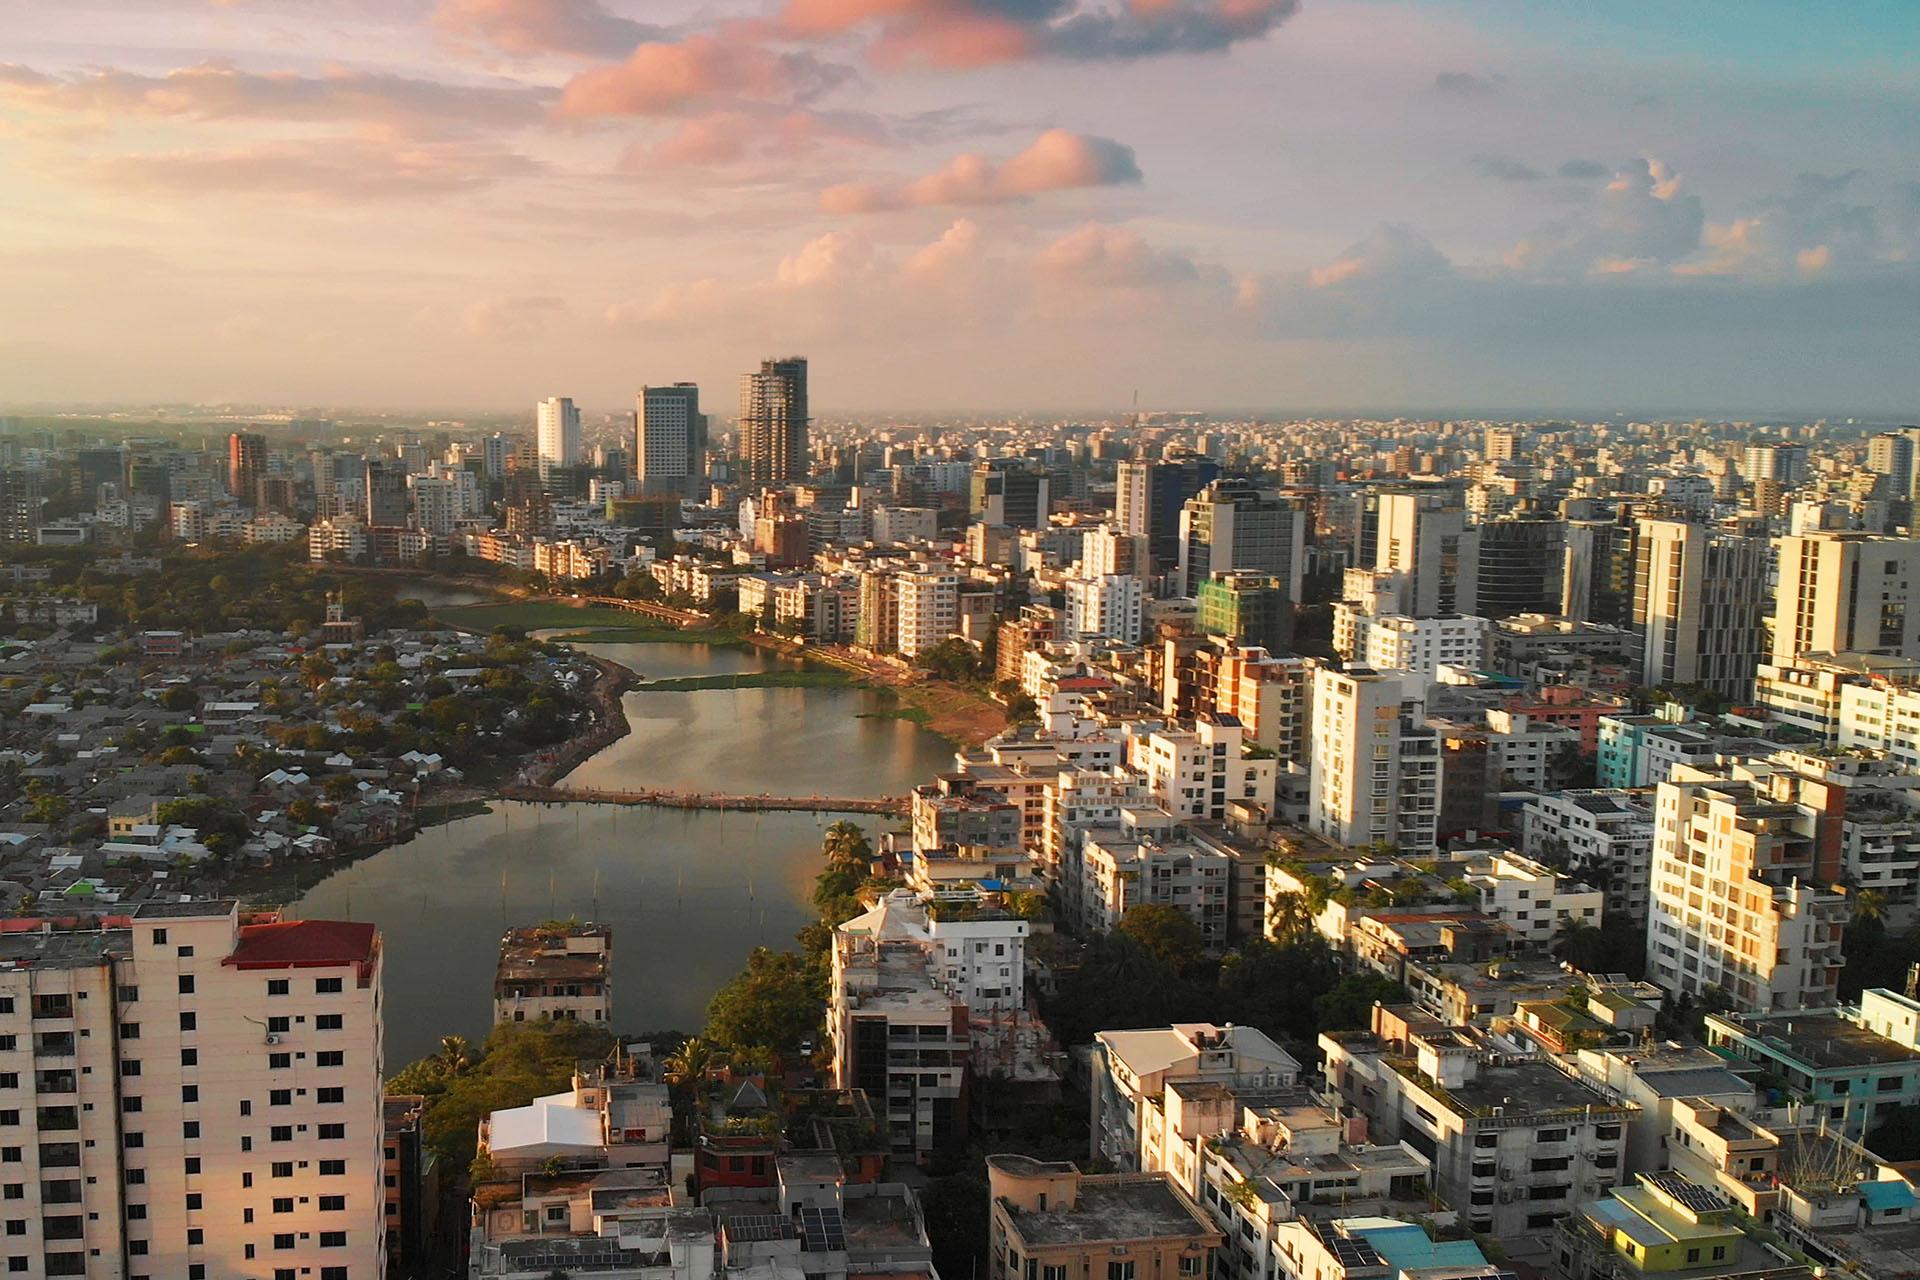 Sin embargo, la capital de Bangladesh posee edificios históricos, mezquitas y jardines, entre varias imponentes obras arquitectónicas